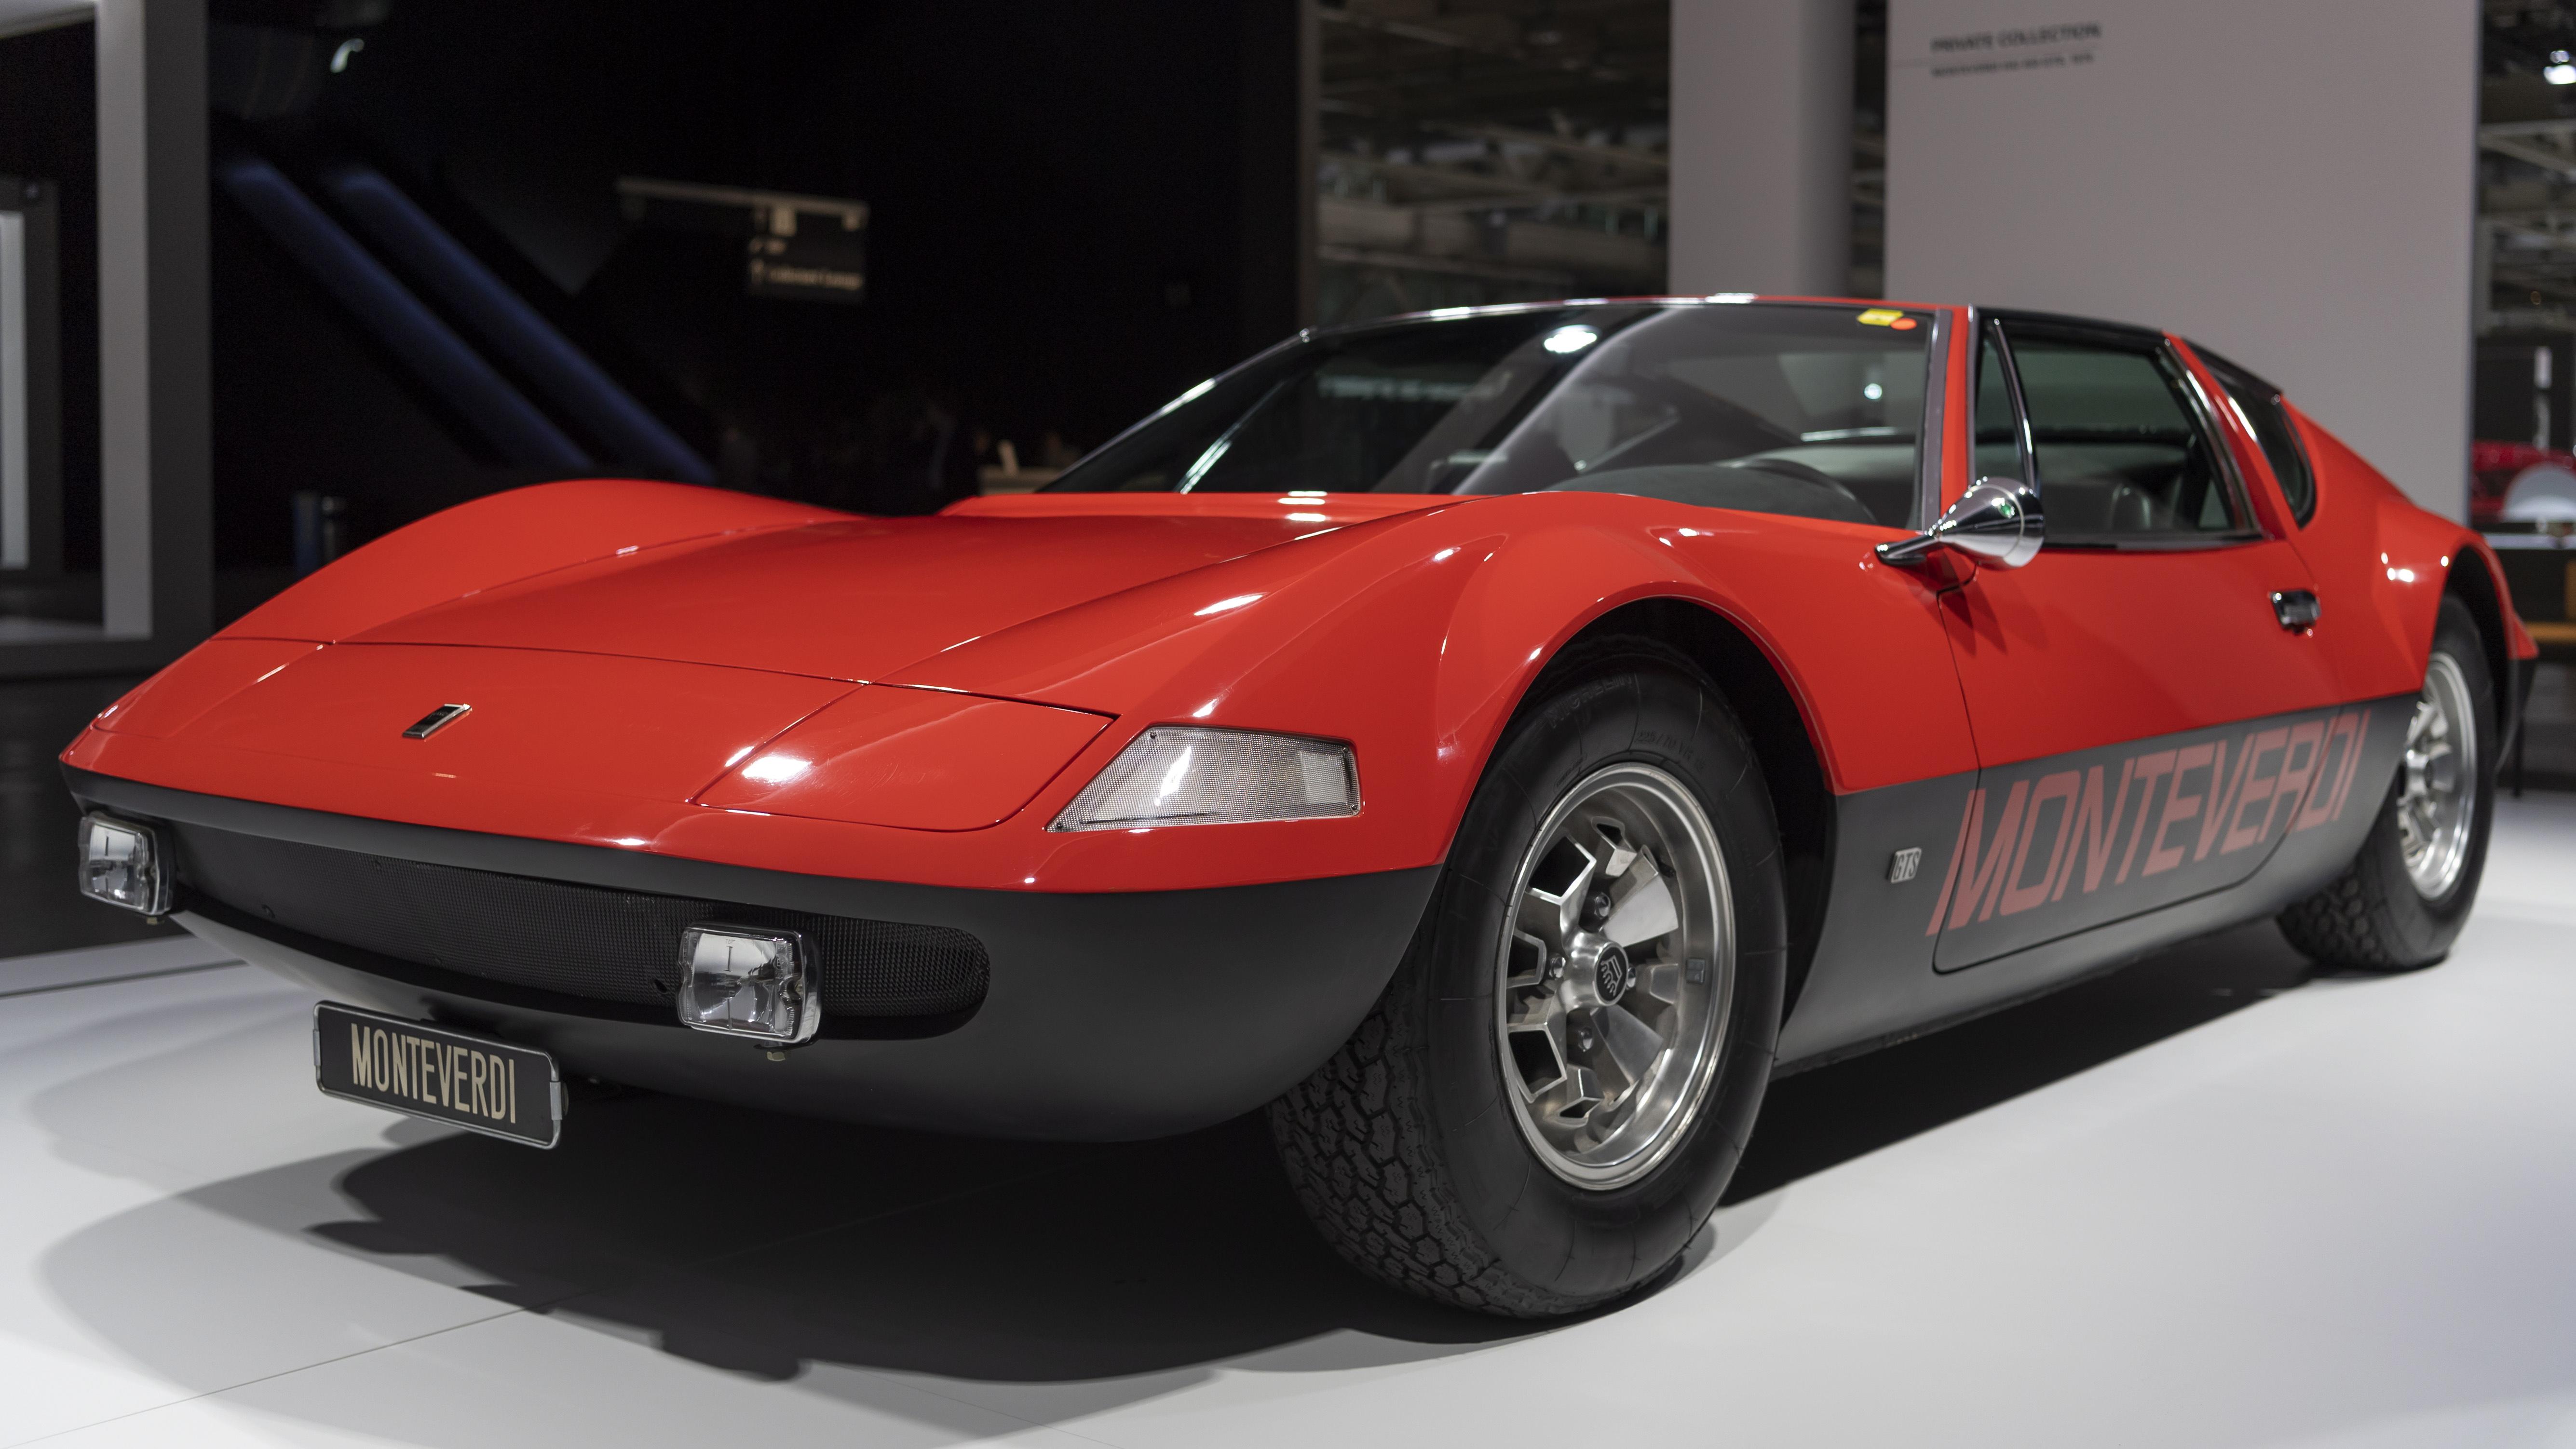 Monteverdi HAI 450 GTS (1970)